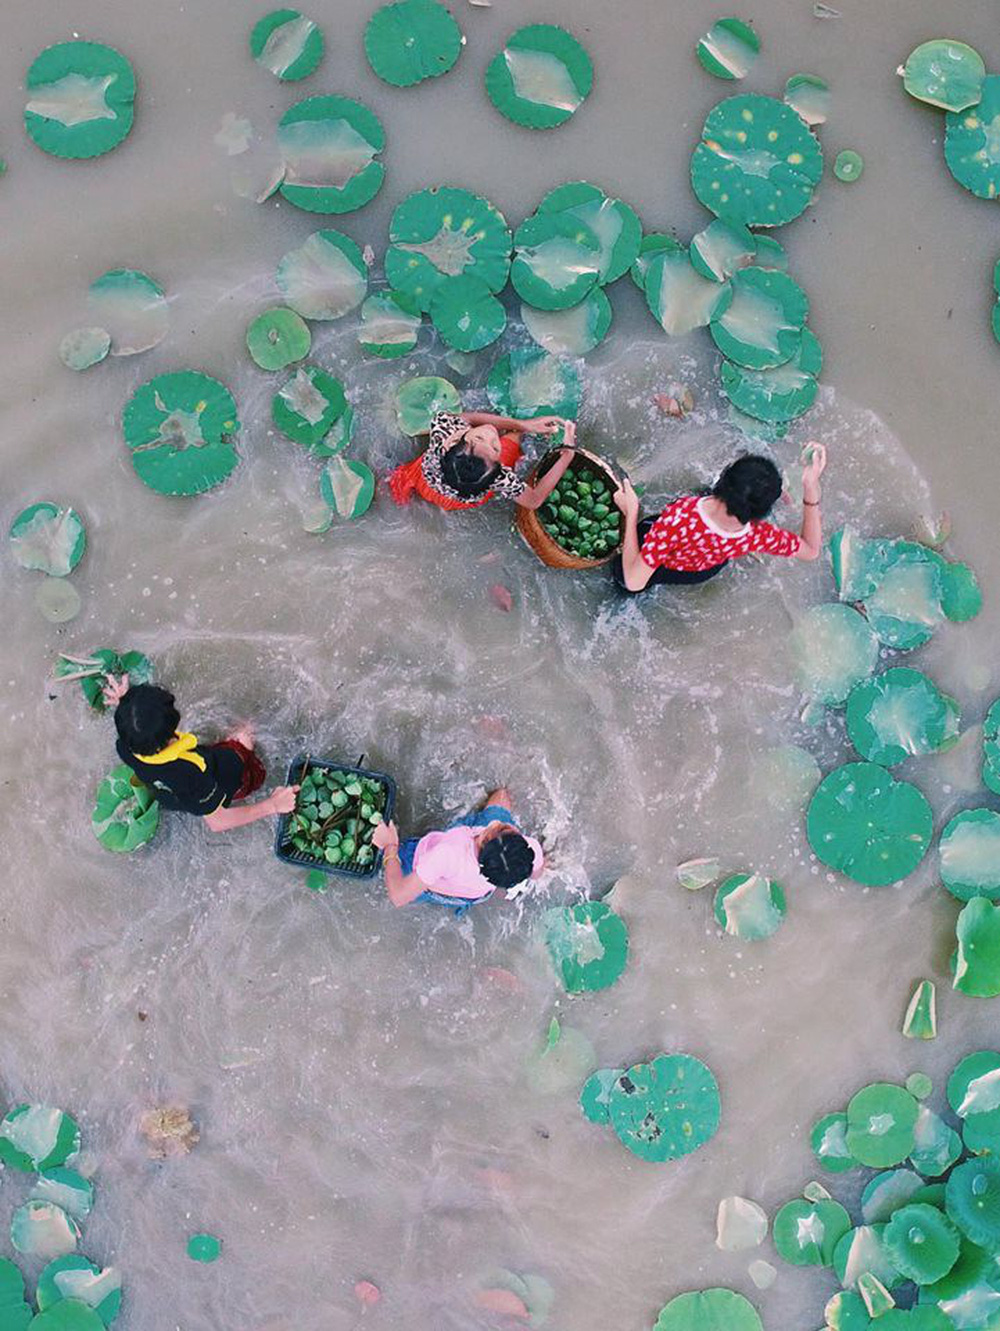 Ảnh độc: Có một Thái Lan bình yên và hút hồn đến bất ngờ khi nhìn từ trên cao - Ảnh 15.